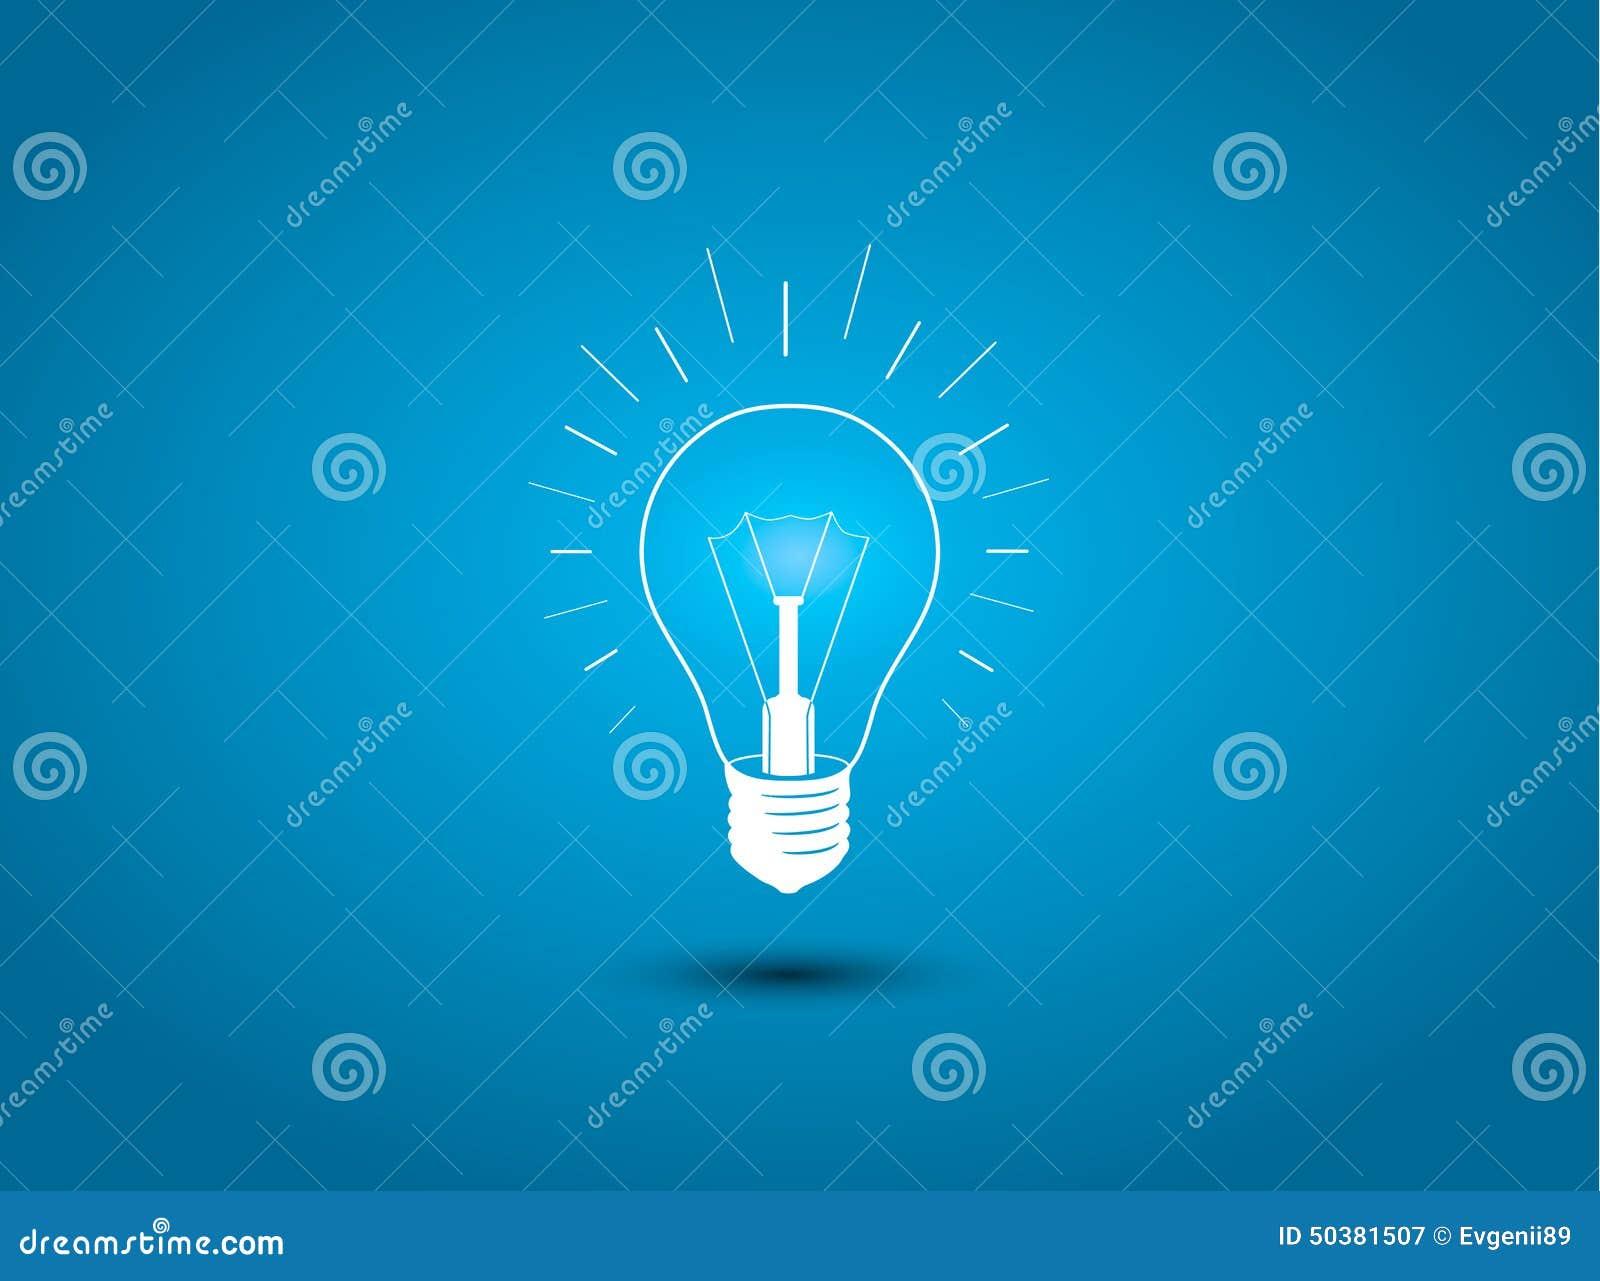 Lampadina, icona di idea sullillustrazione blu di concetto del fondo.